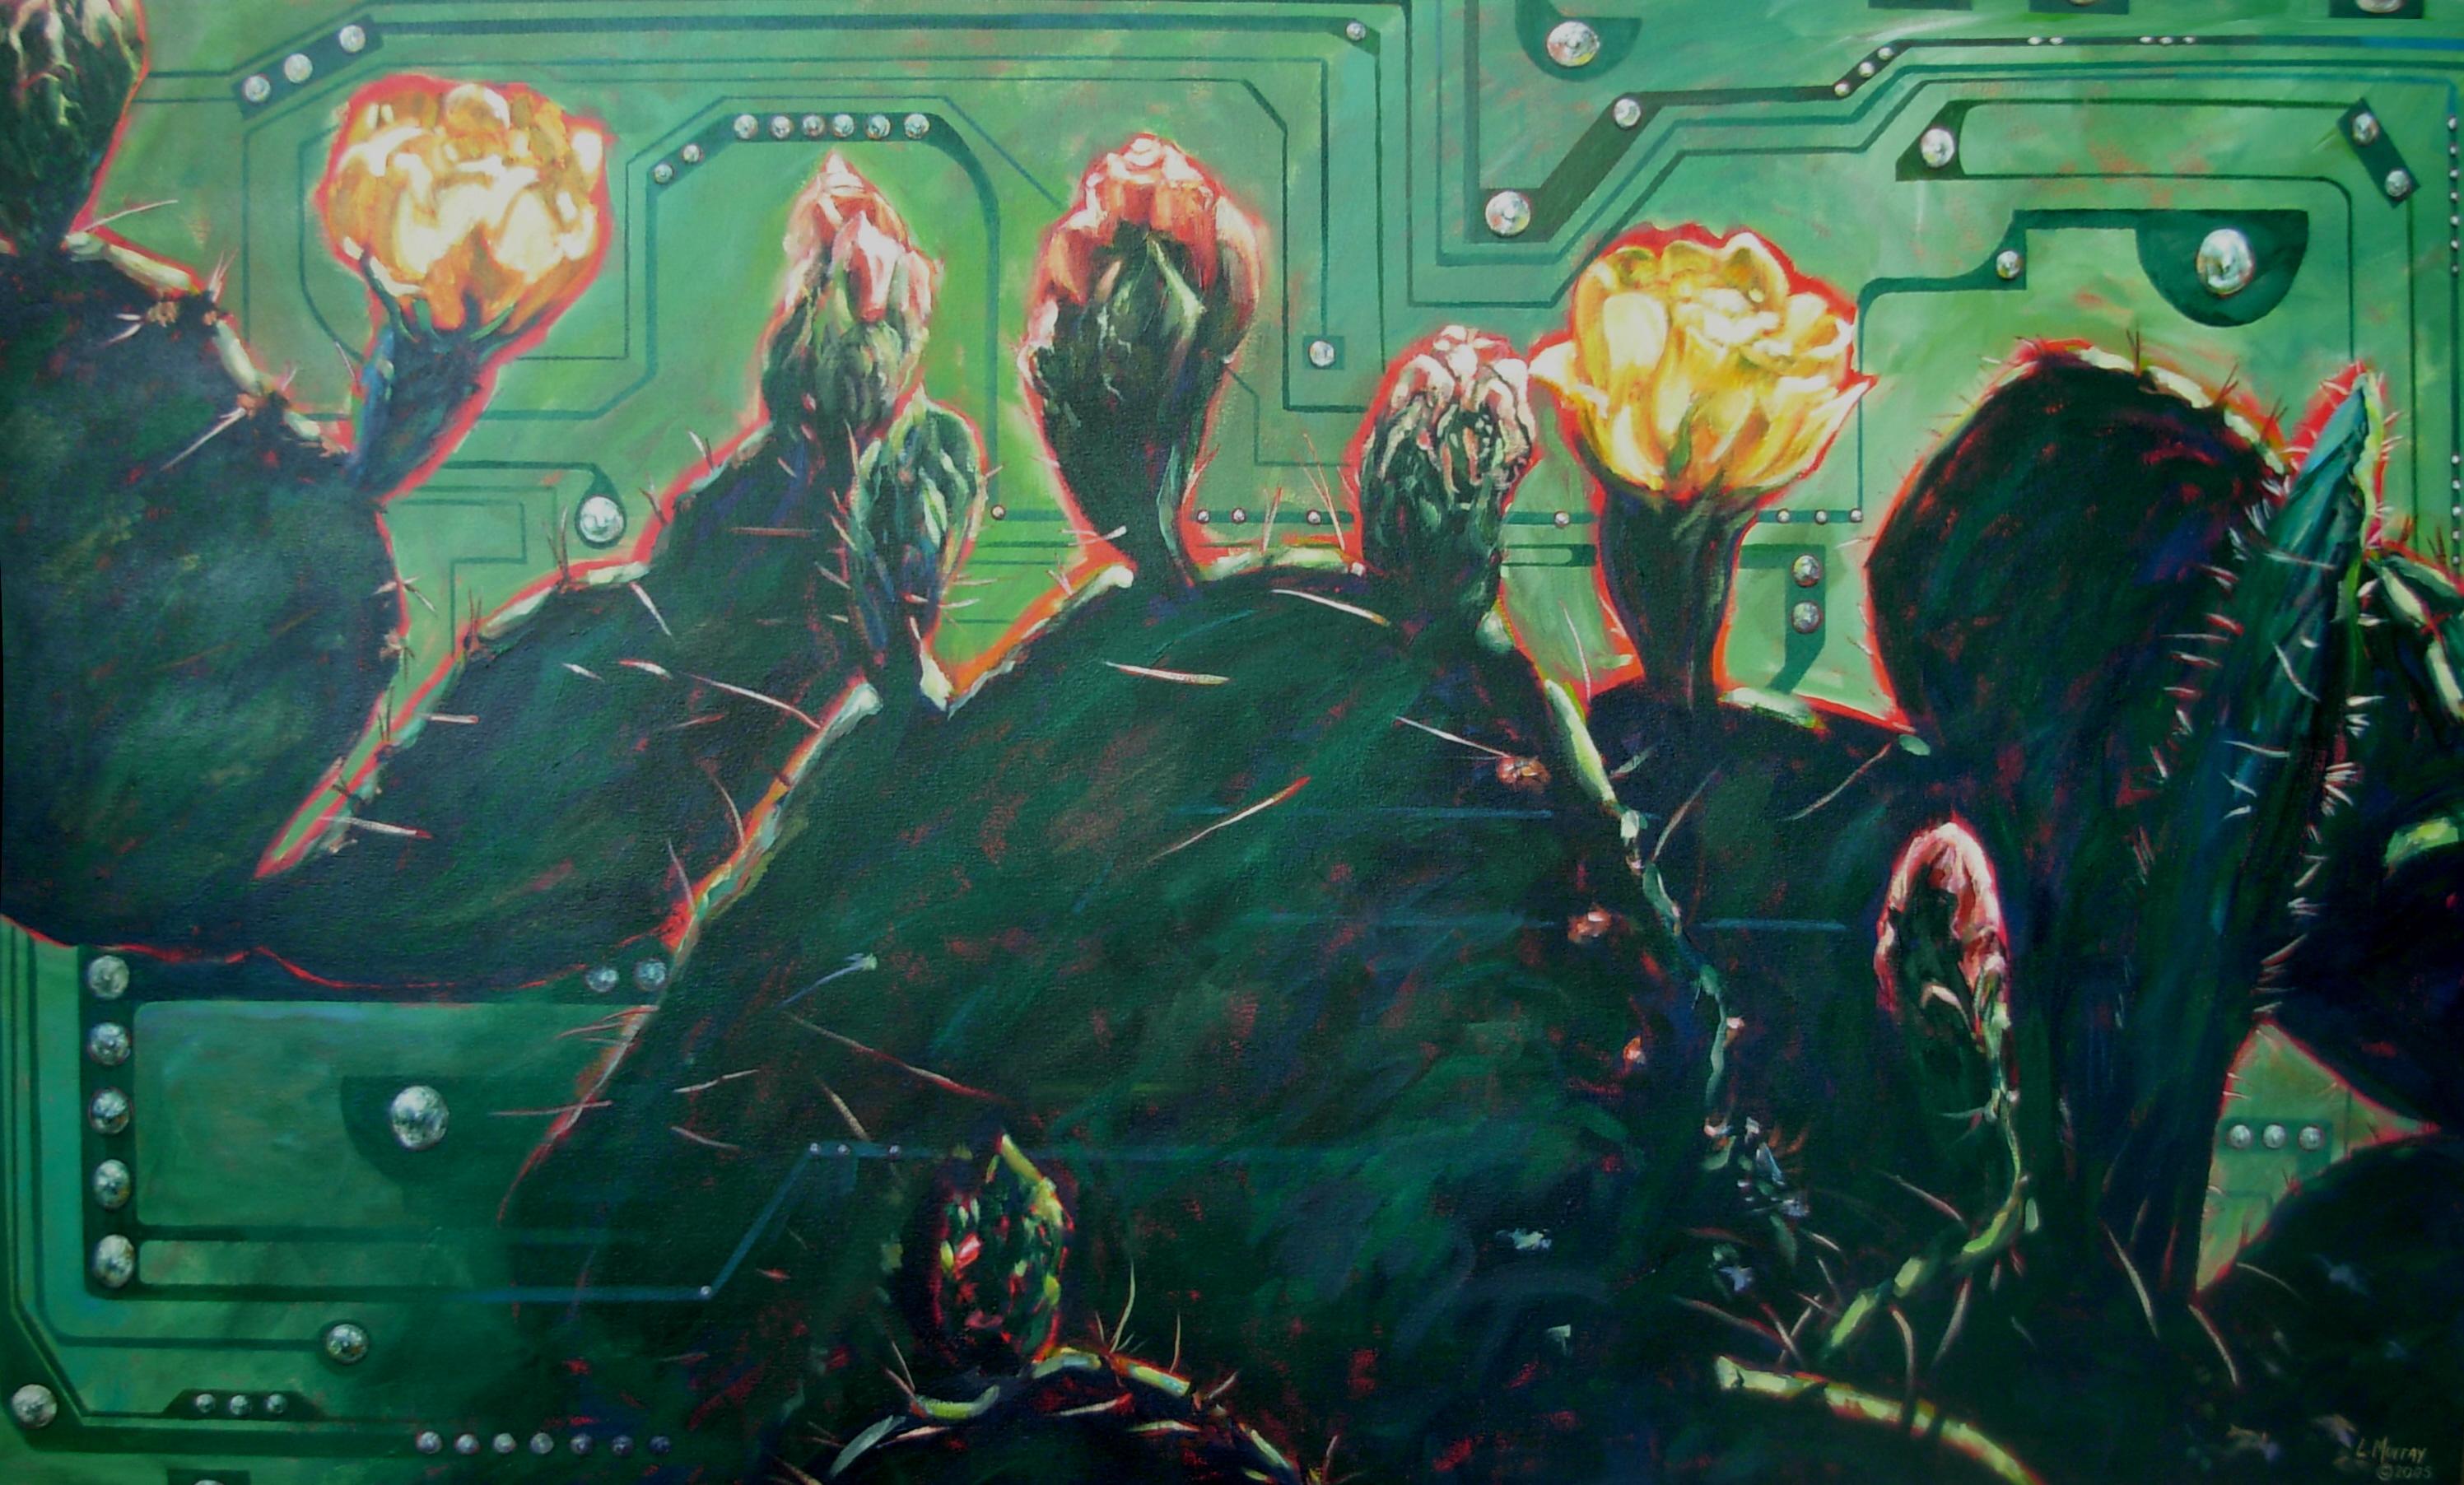 Cactus Mutation I